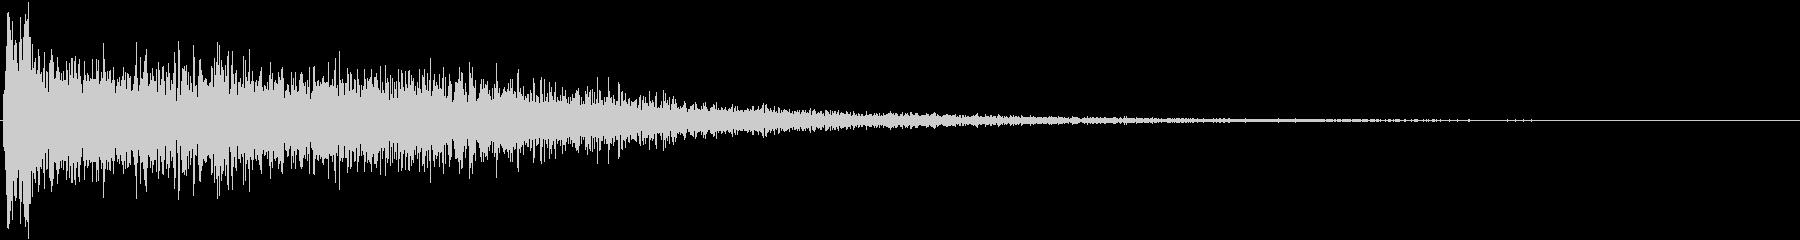 音楽ロゴ;ハードピアノティンクル付...の未再生の波形